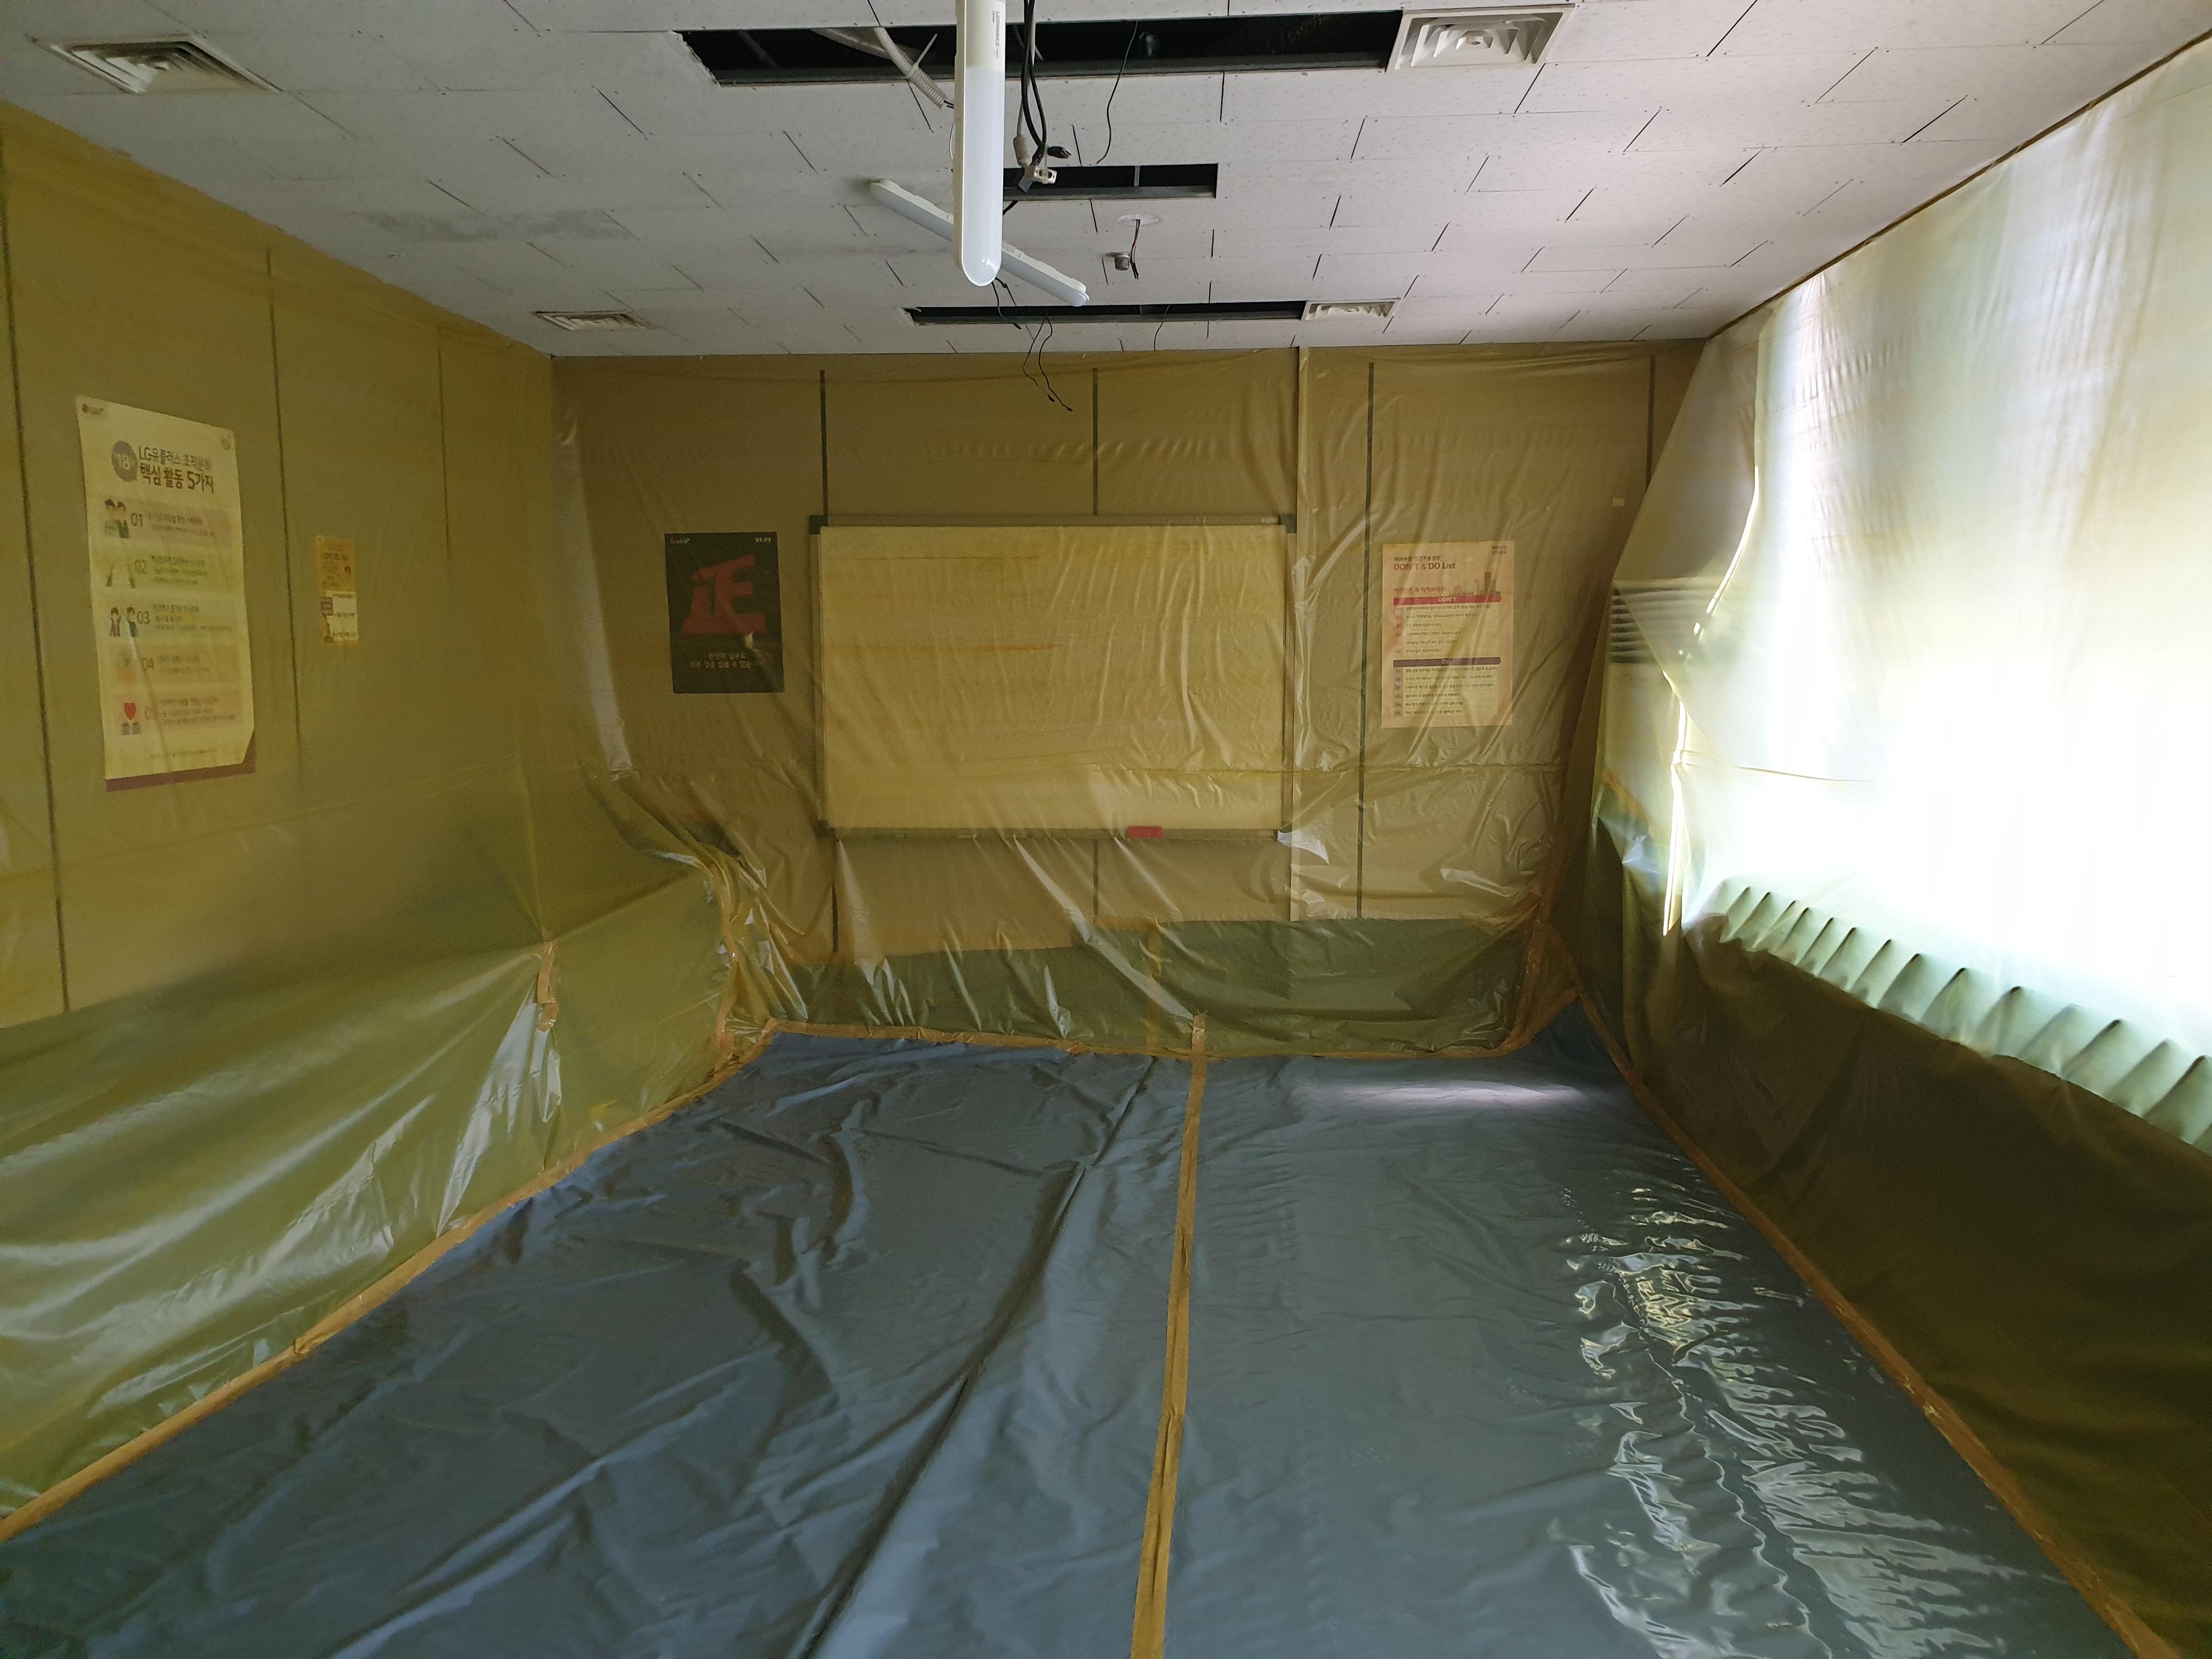 7 번째 사진  에  연면적125.09 ㎡ 창원 리모델링 공사전 텍스 석면해체 제거 현장보고서